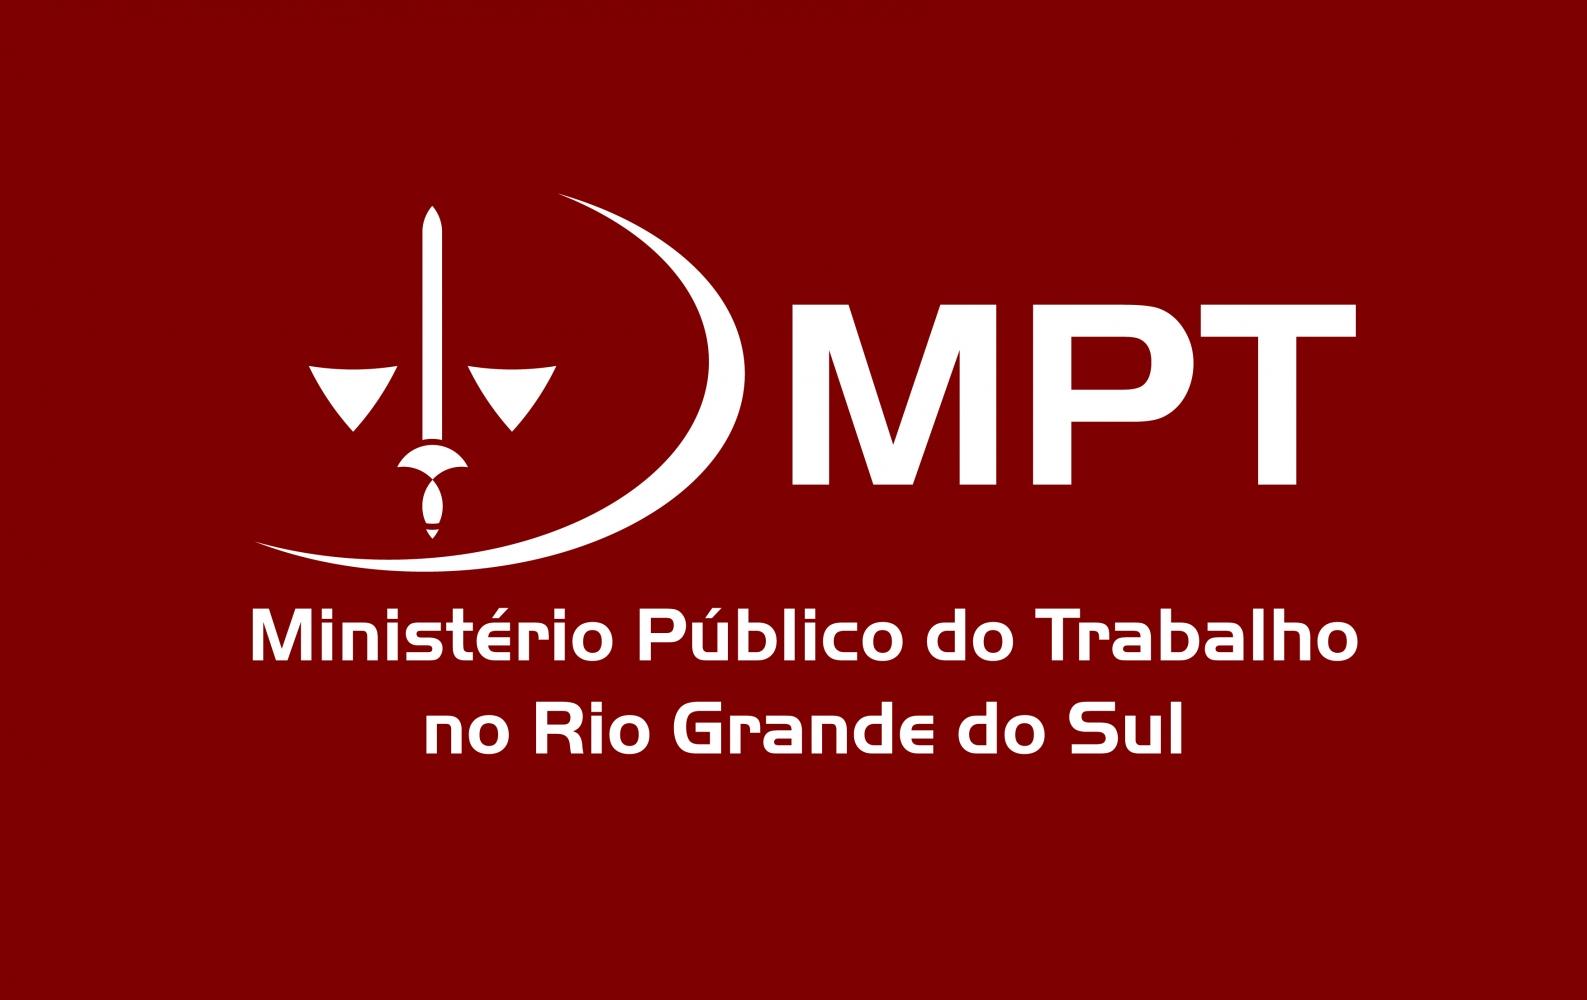 MPTRS